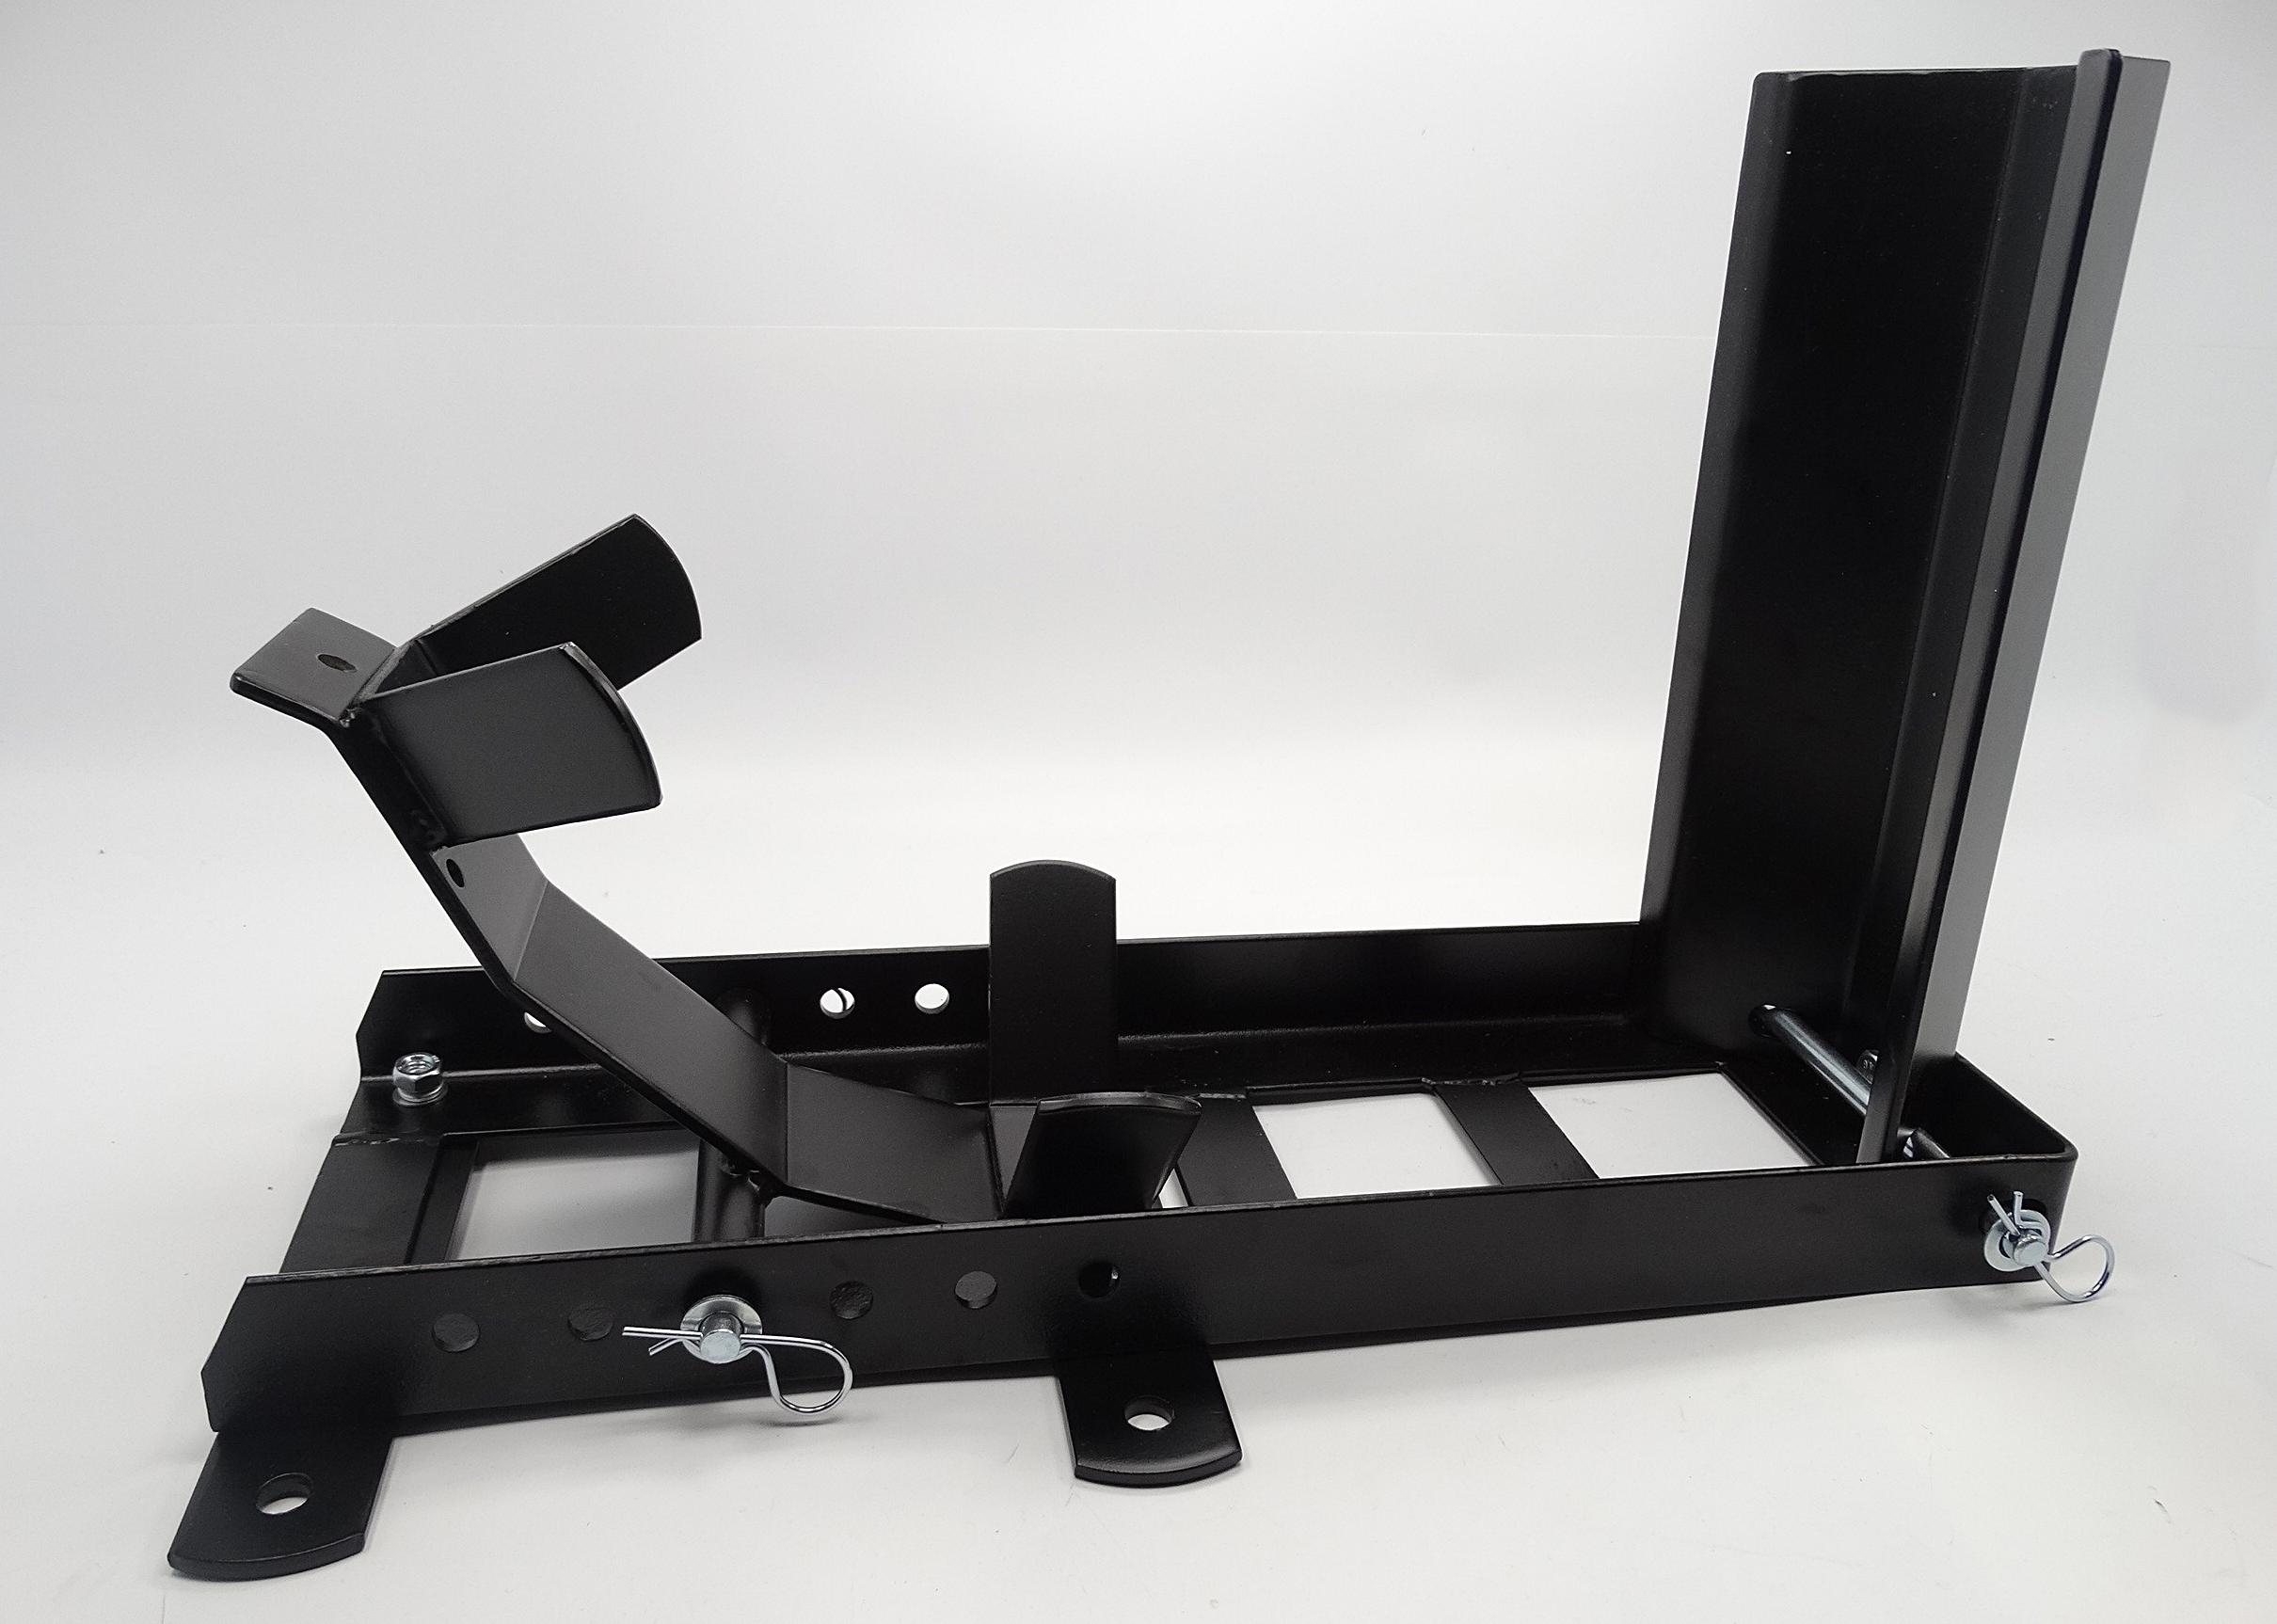 vorderrad transportst nder wippe 17 21 honda cbr 600. Black Bedroom Furniture Sets. Home Design Ideas